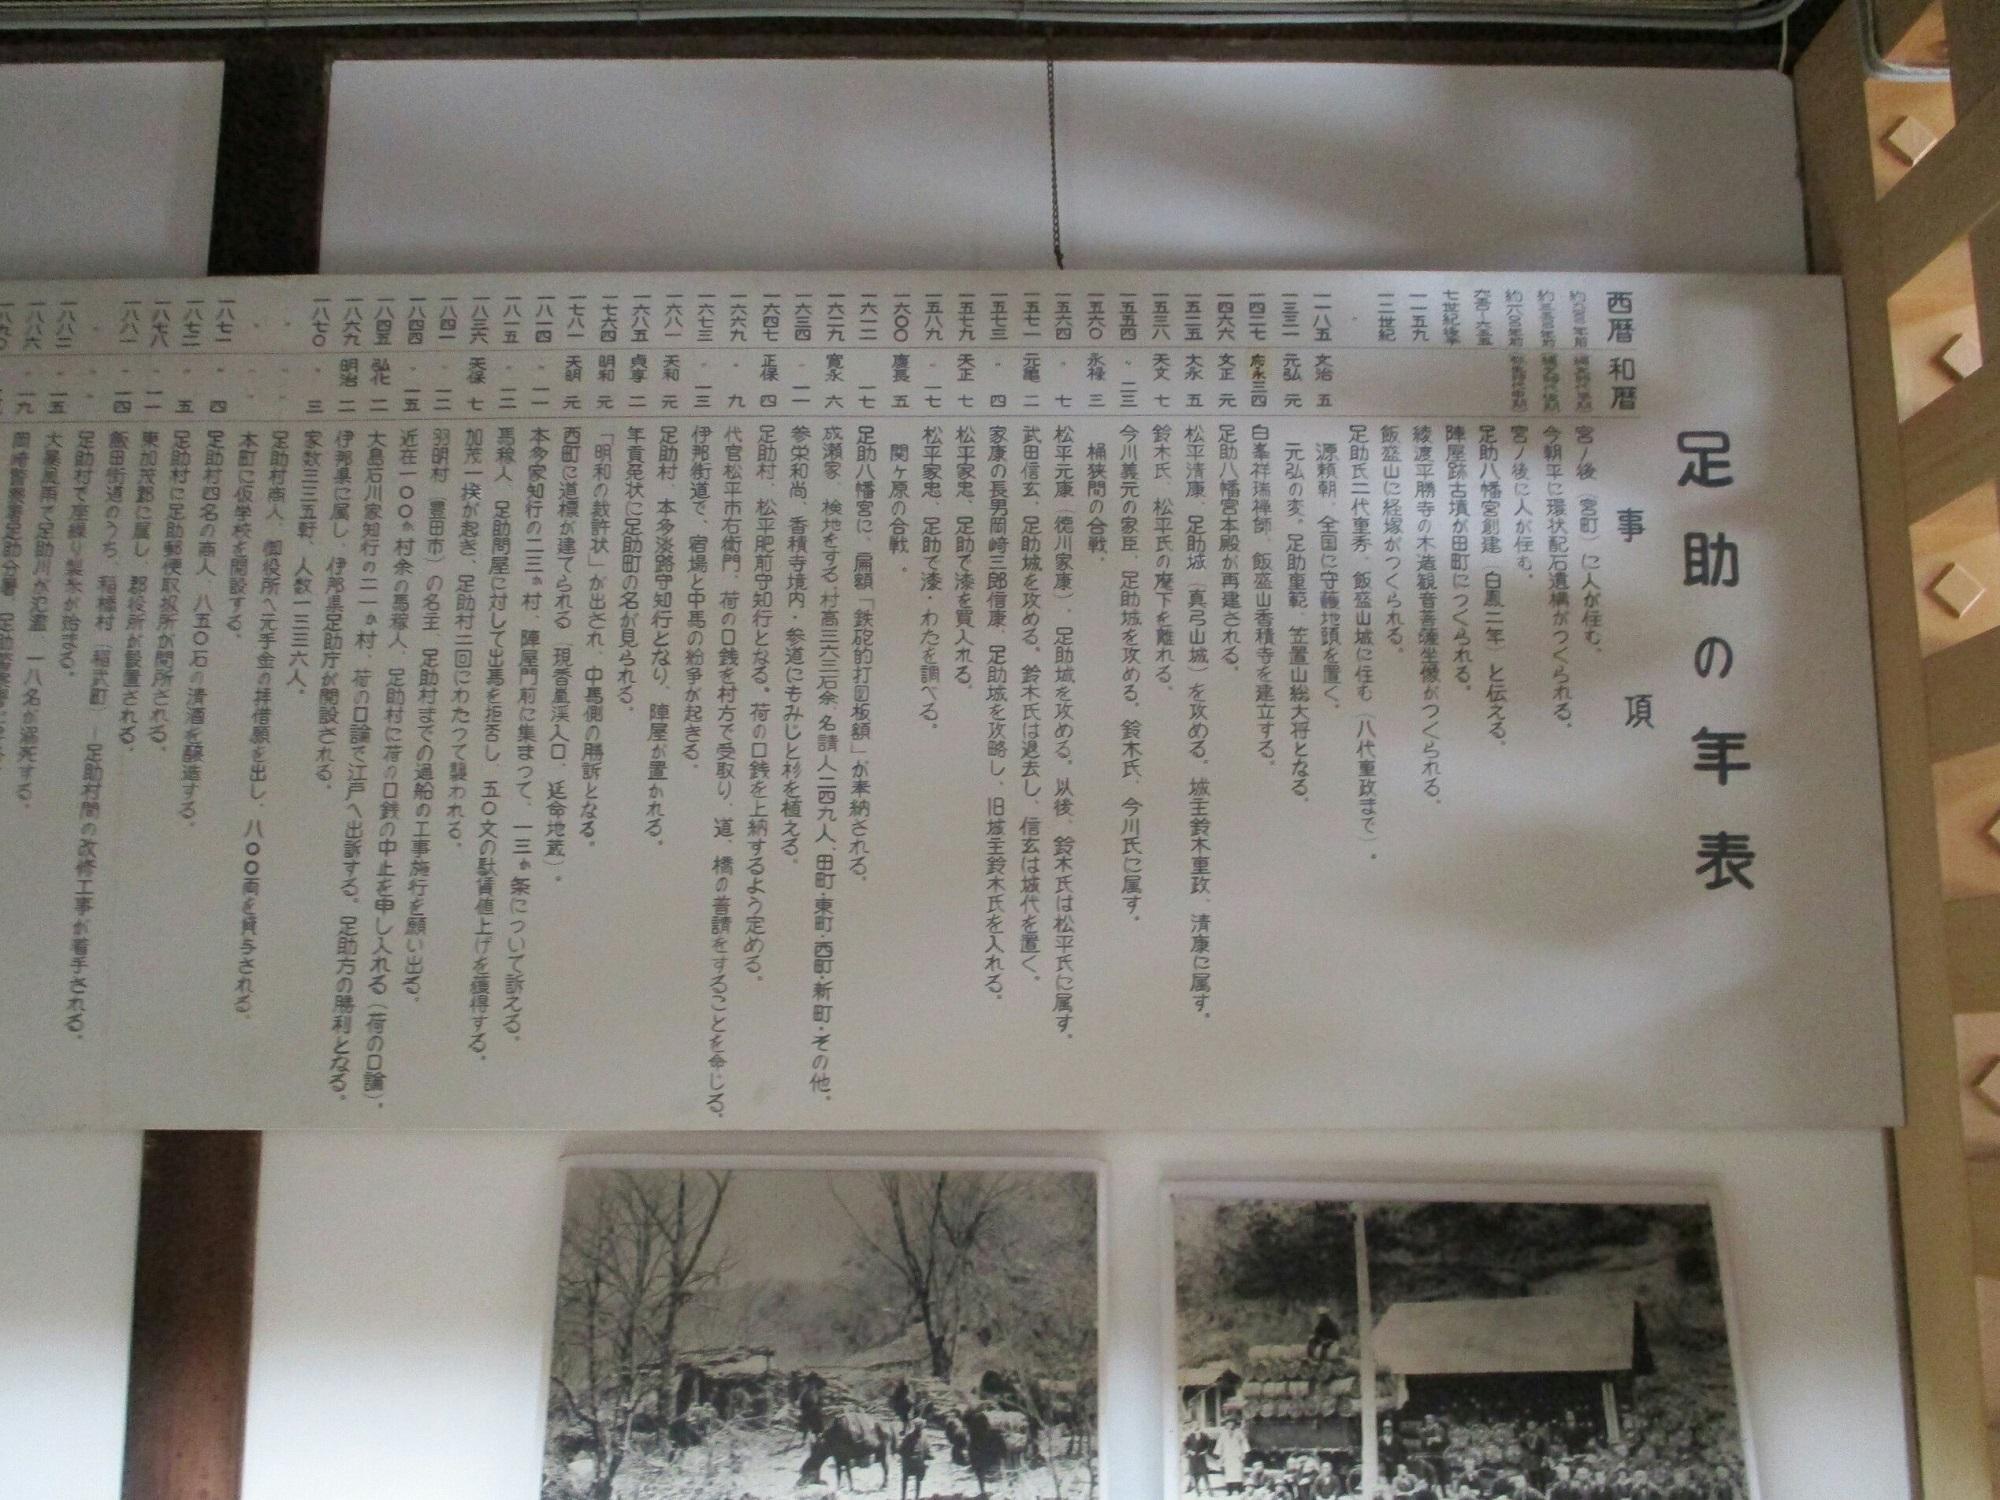 2018.6.22 (94) 中馬館 - 足助の年表(みぎ) 2000-1500